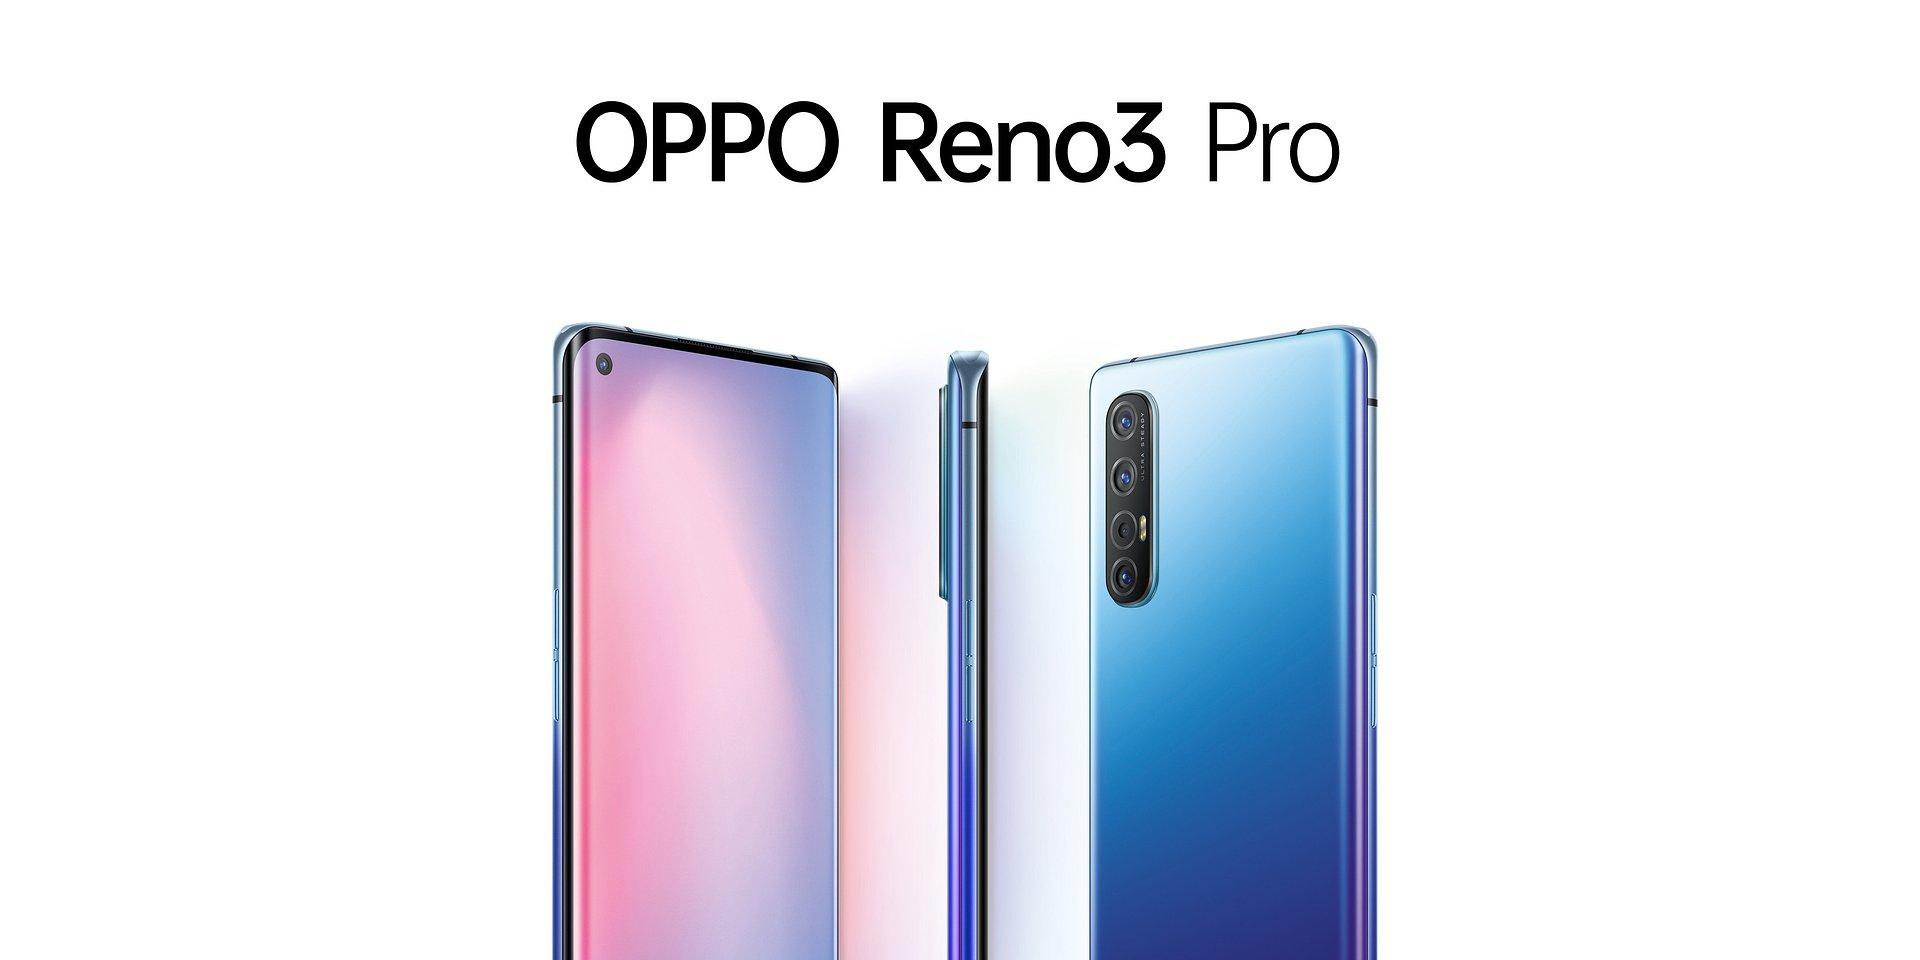 OPPO Reno3 Pro – wyraźnie ujmujący: najnowszy flagowiec trafia do regularnej sprzedaży